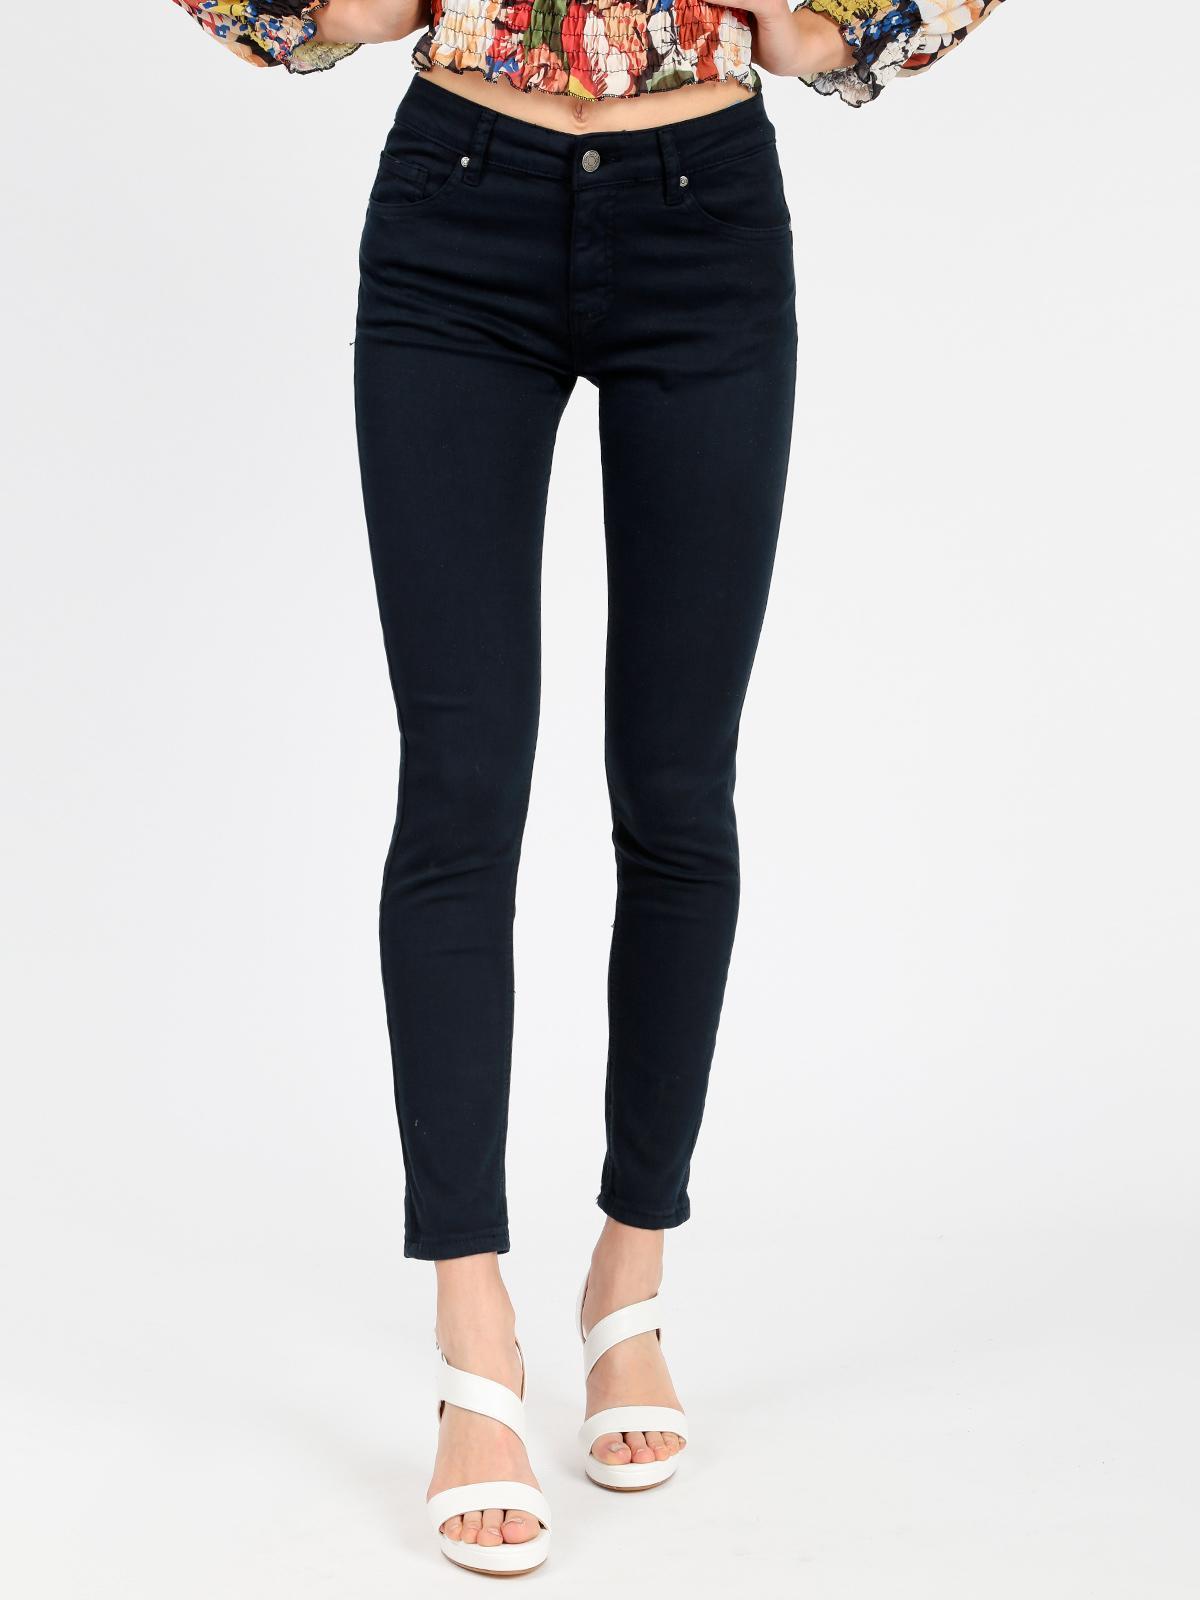 Tg JEANS alla moda jeans a sigaretta 42